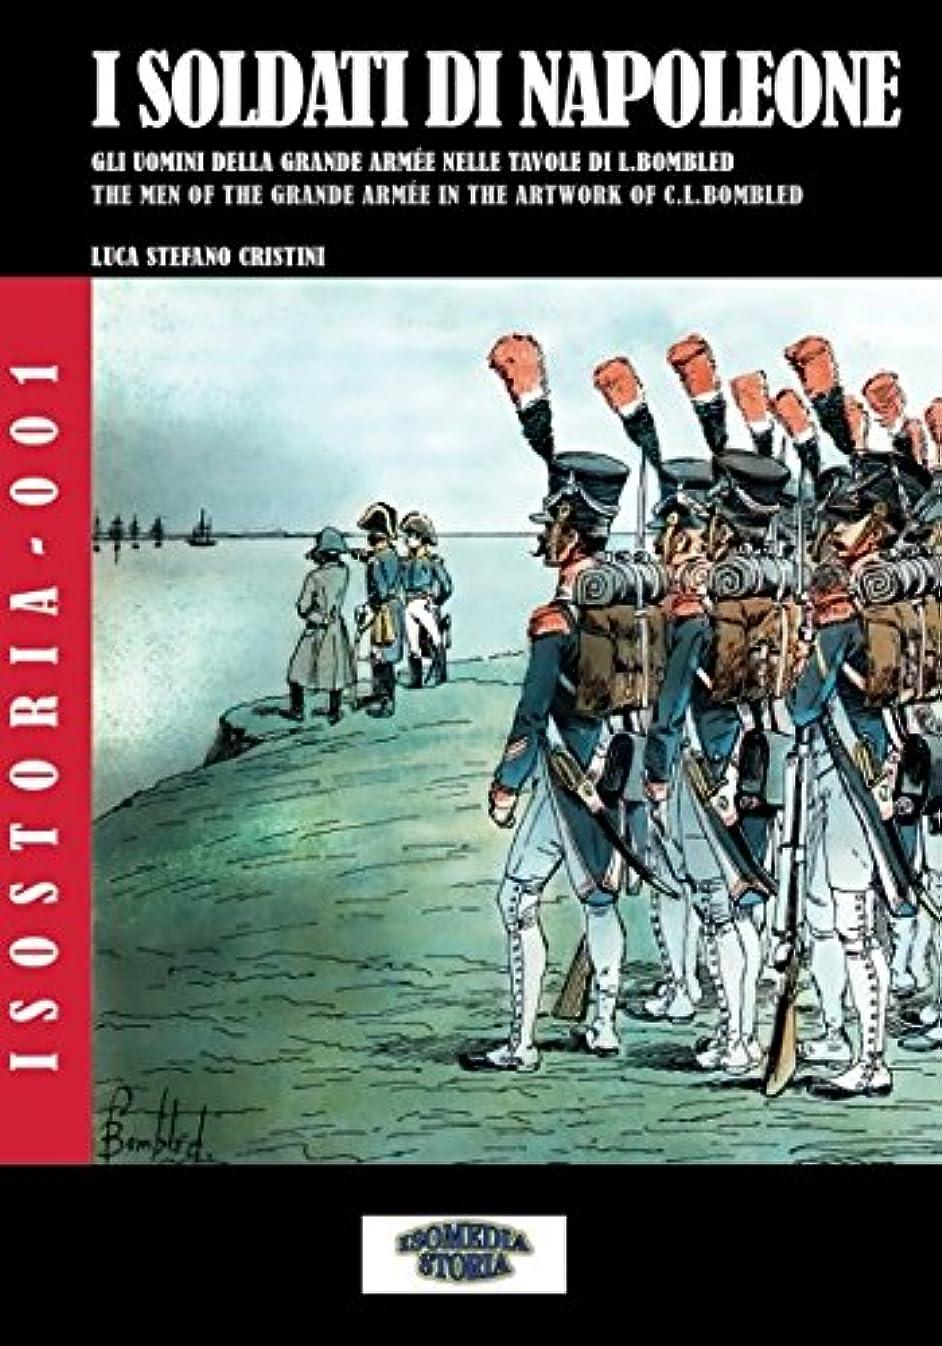 うなずく勘違いする収入I soldati di Napoleone: Gli uomini della grande armée nelle tavole di L.Bombled - The men of the grande armée in the artwork of C.L.Bombled (IsoStoria)